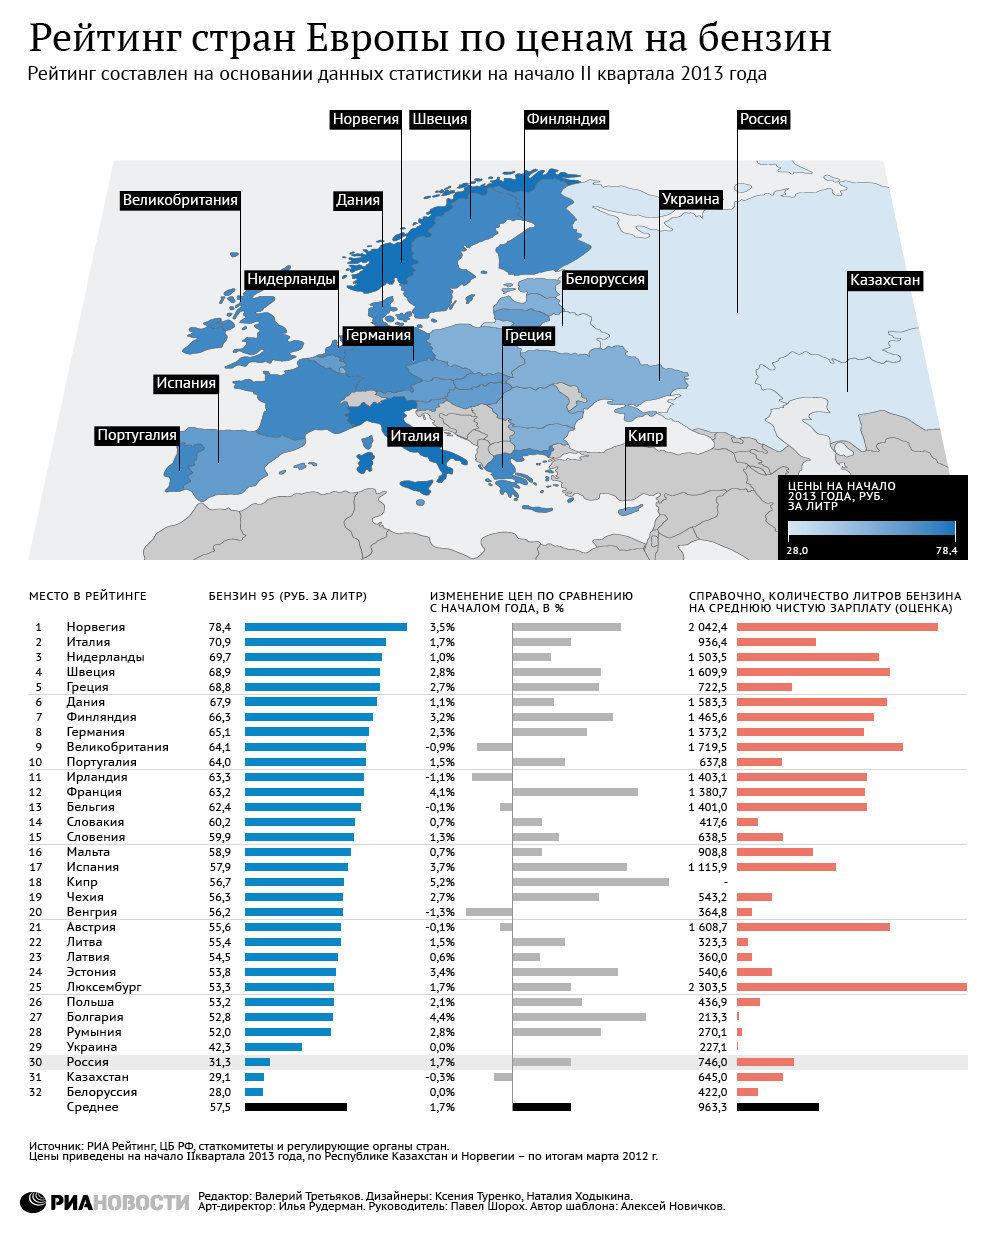 Сравнение цен на бензин в Европе, России и Украине